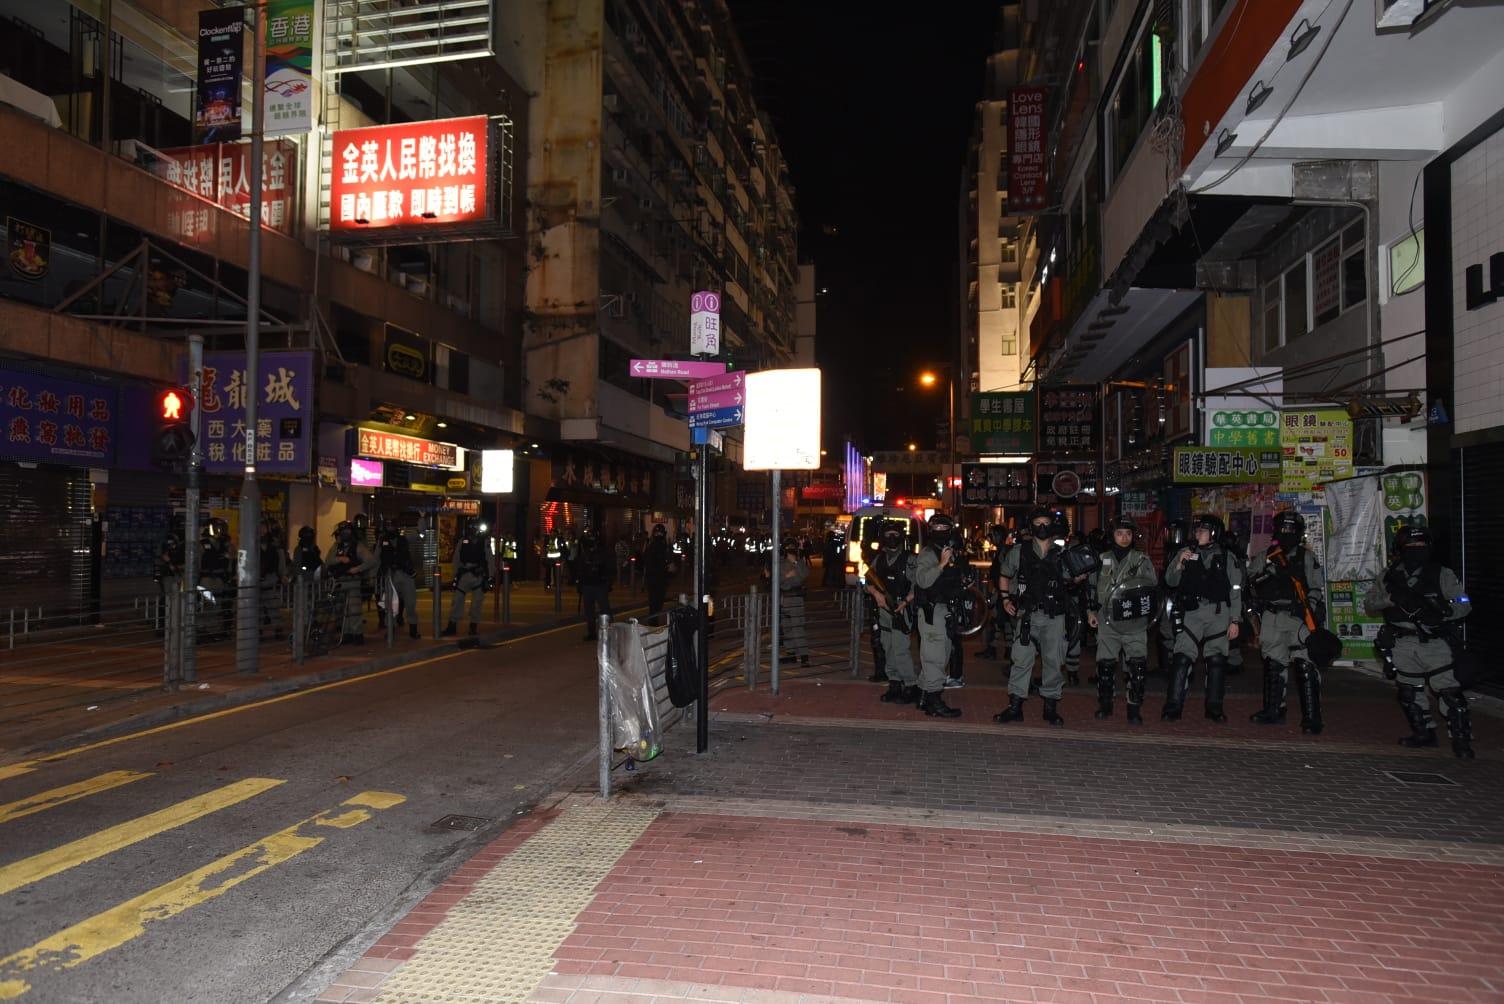 防暴警察驅散人群